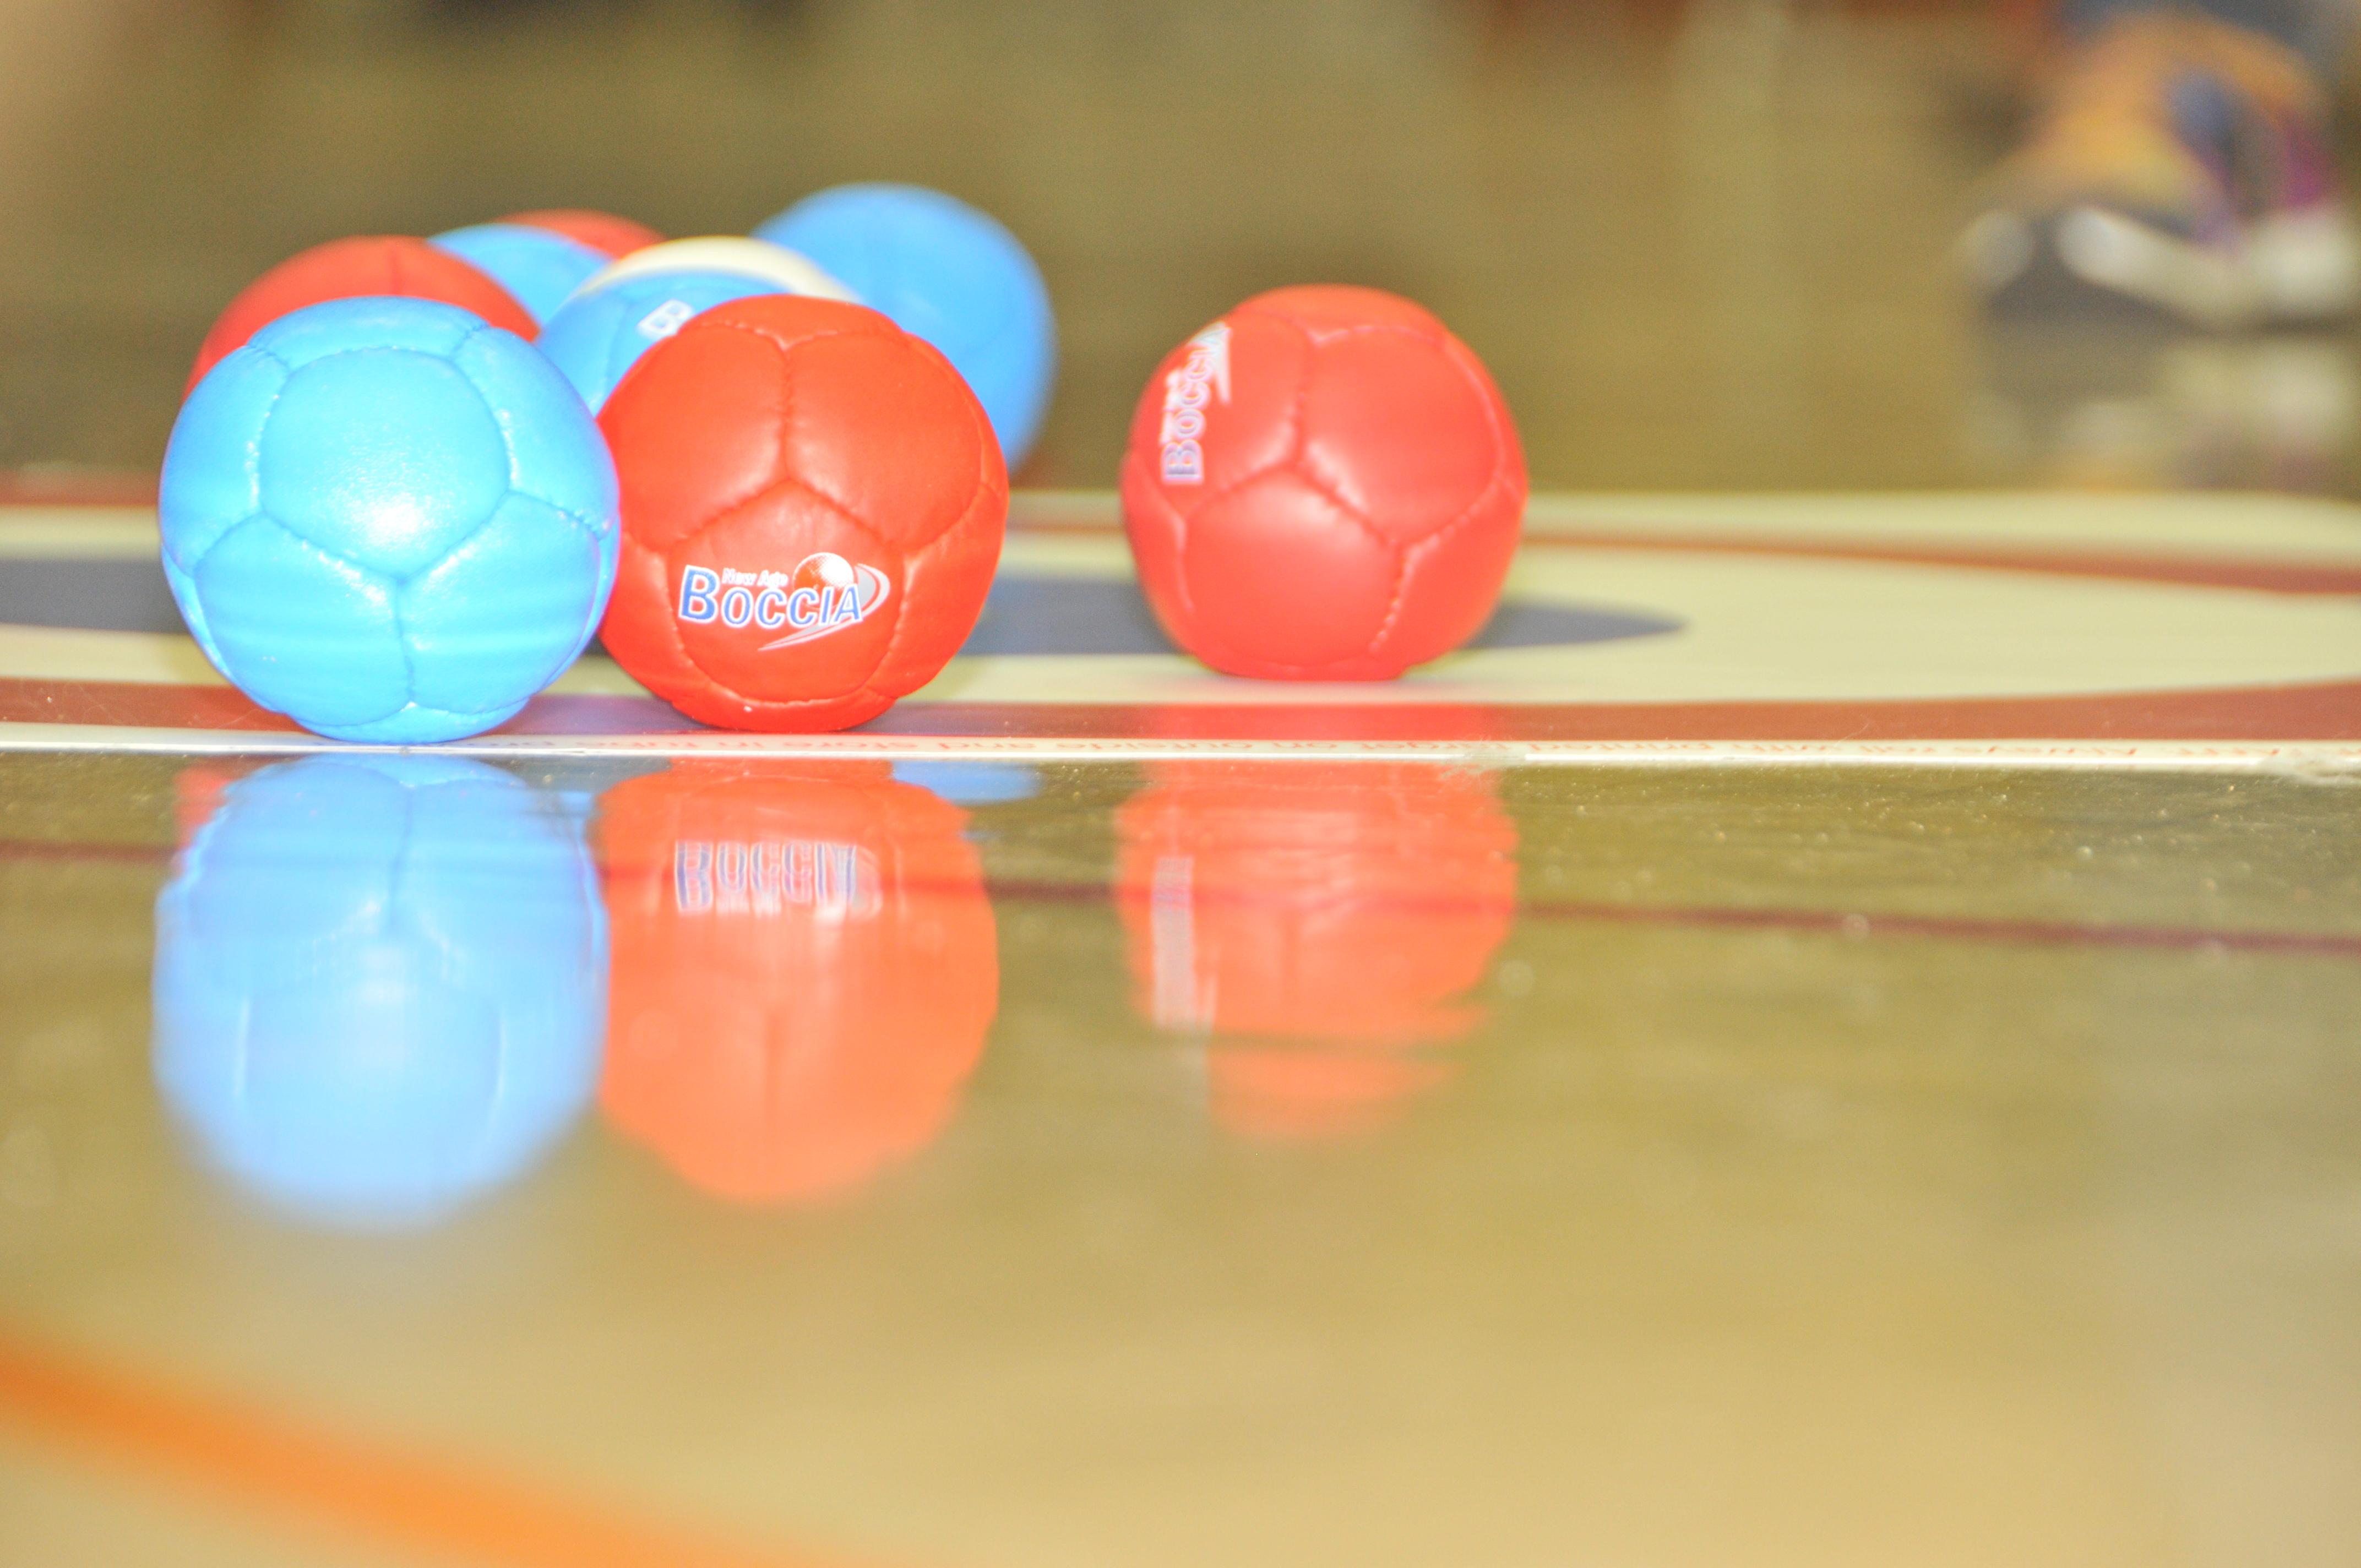 Balls on target